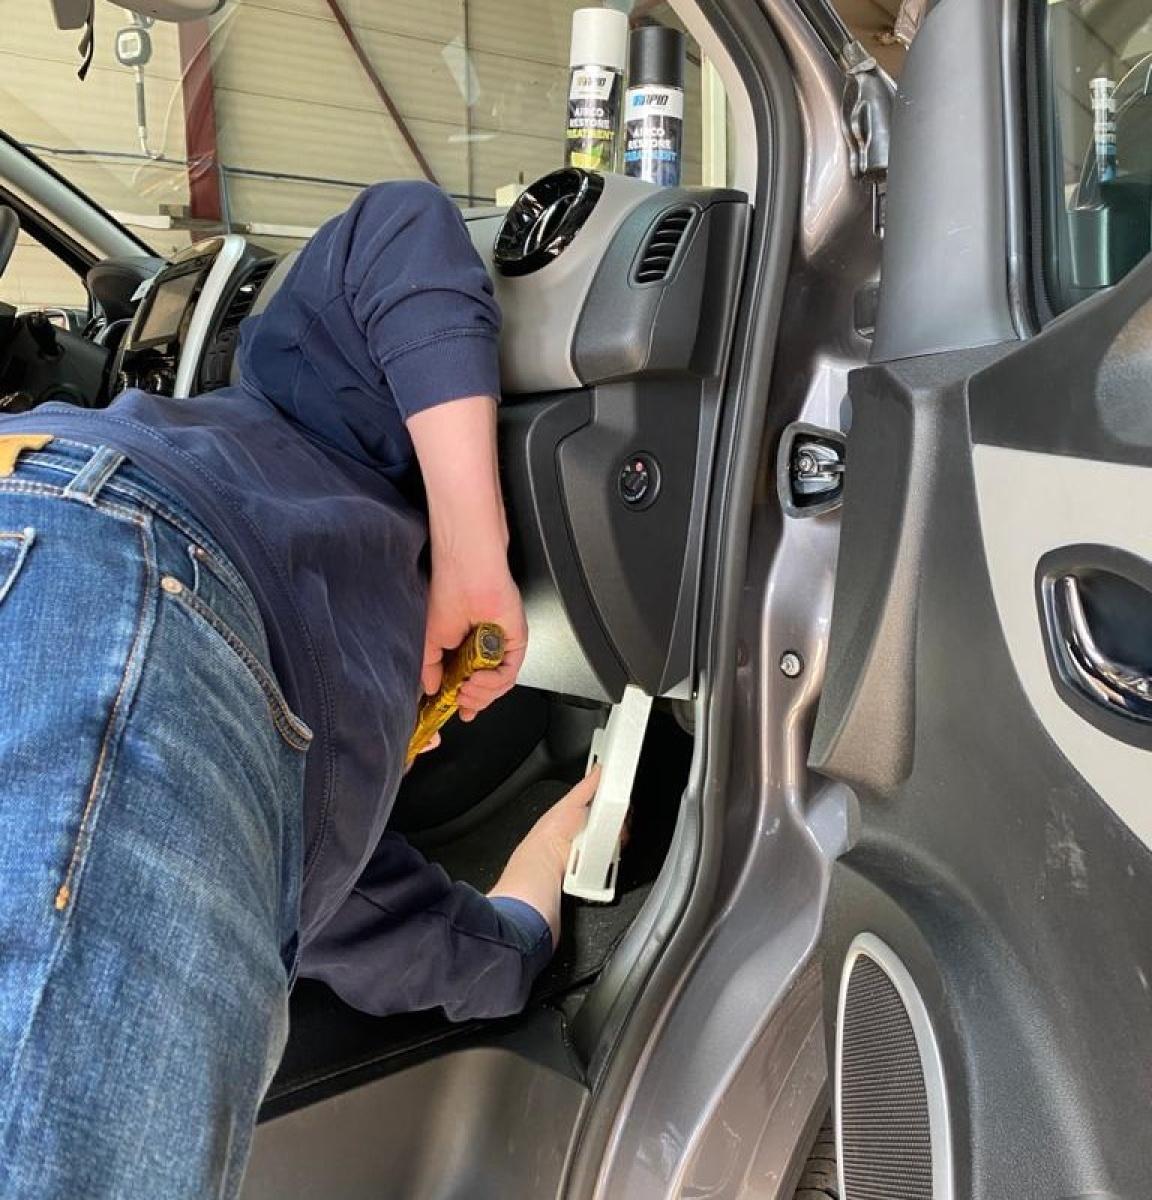 Binnenkort een onderhoudsbeurt? Zo bereid je je auto voor!